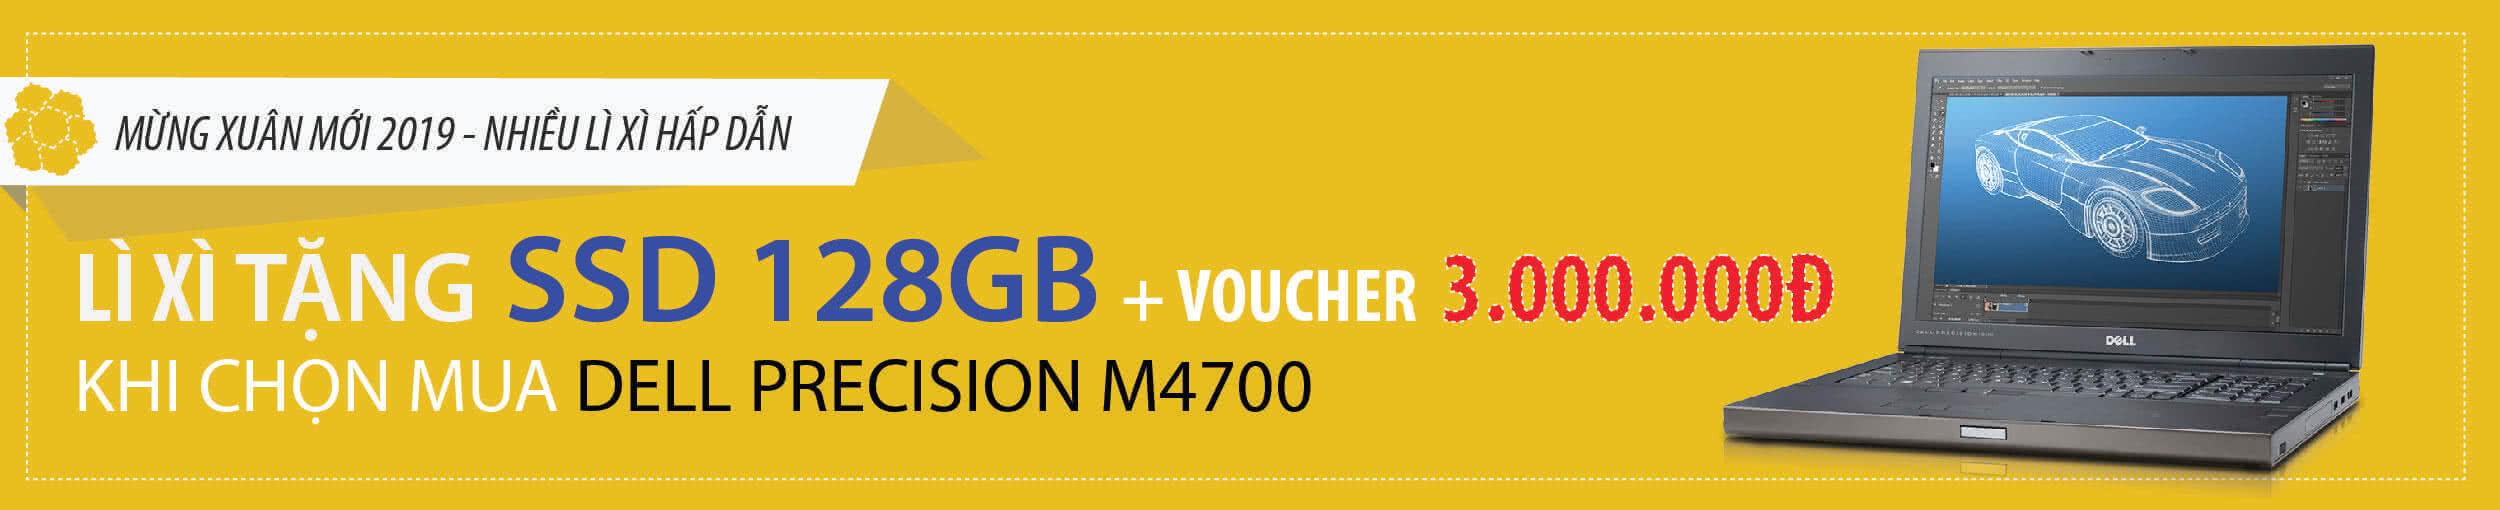 Mua dell precision m4700 tặng ổ cứng ssd 128GB